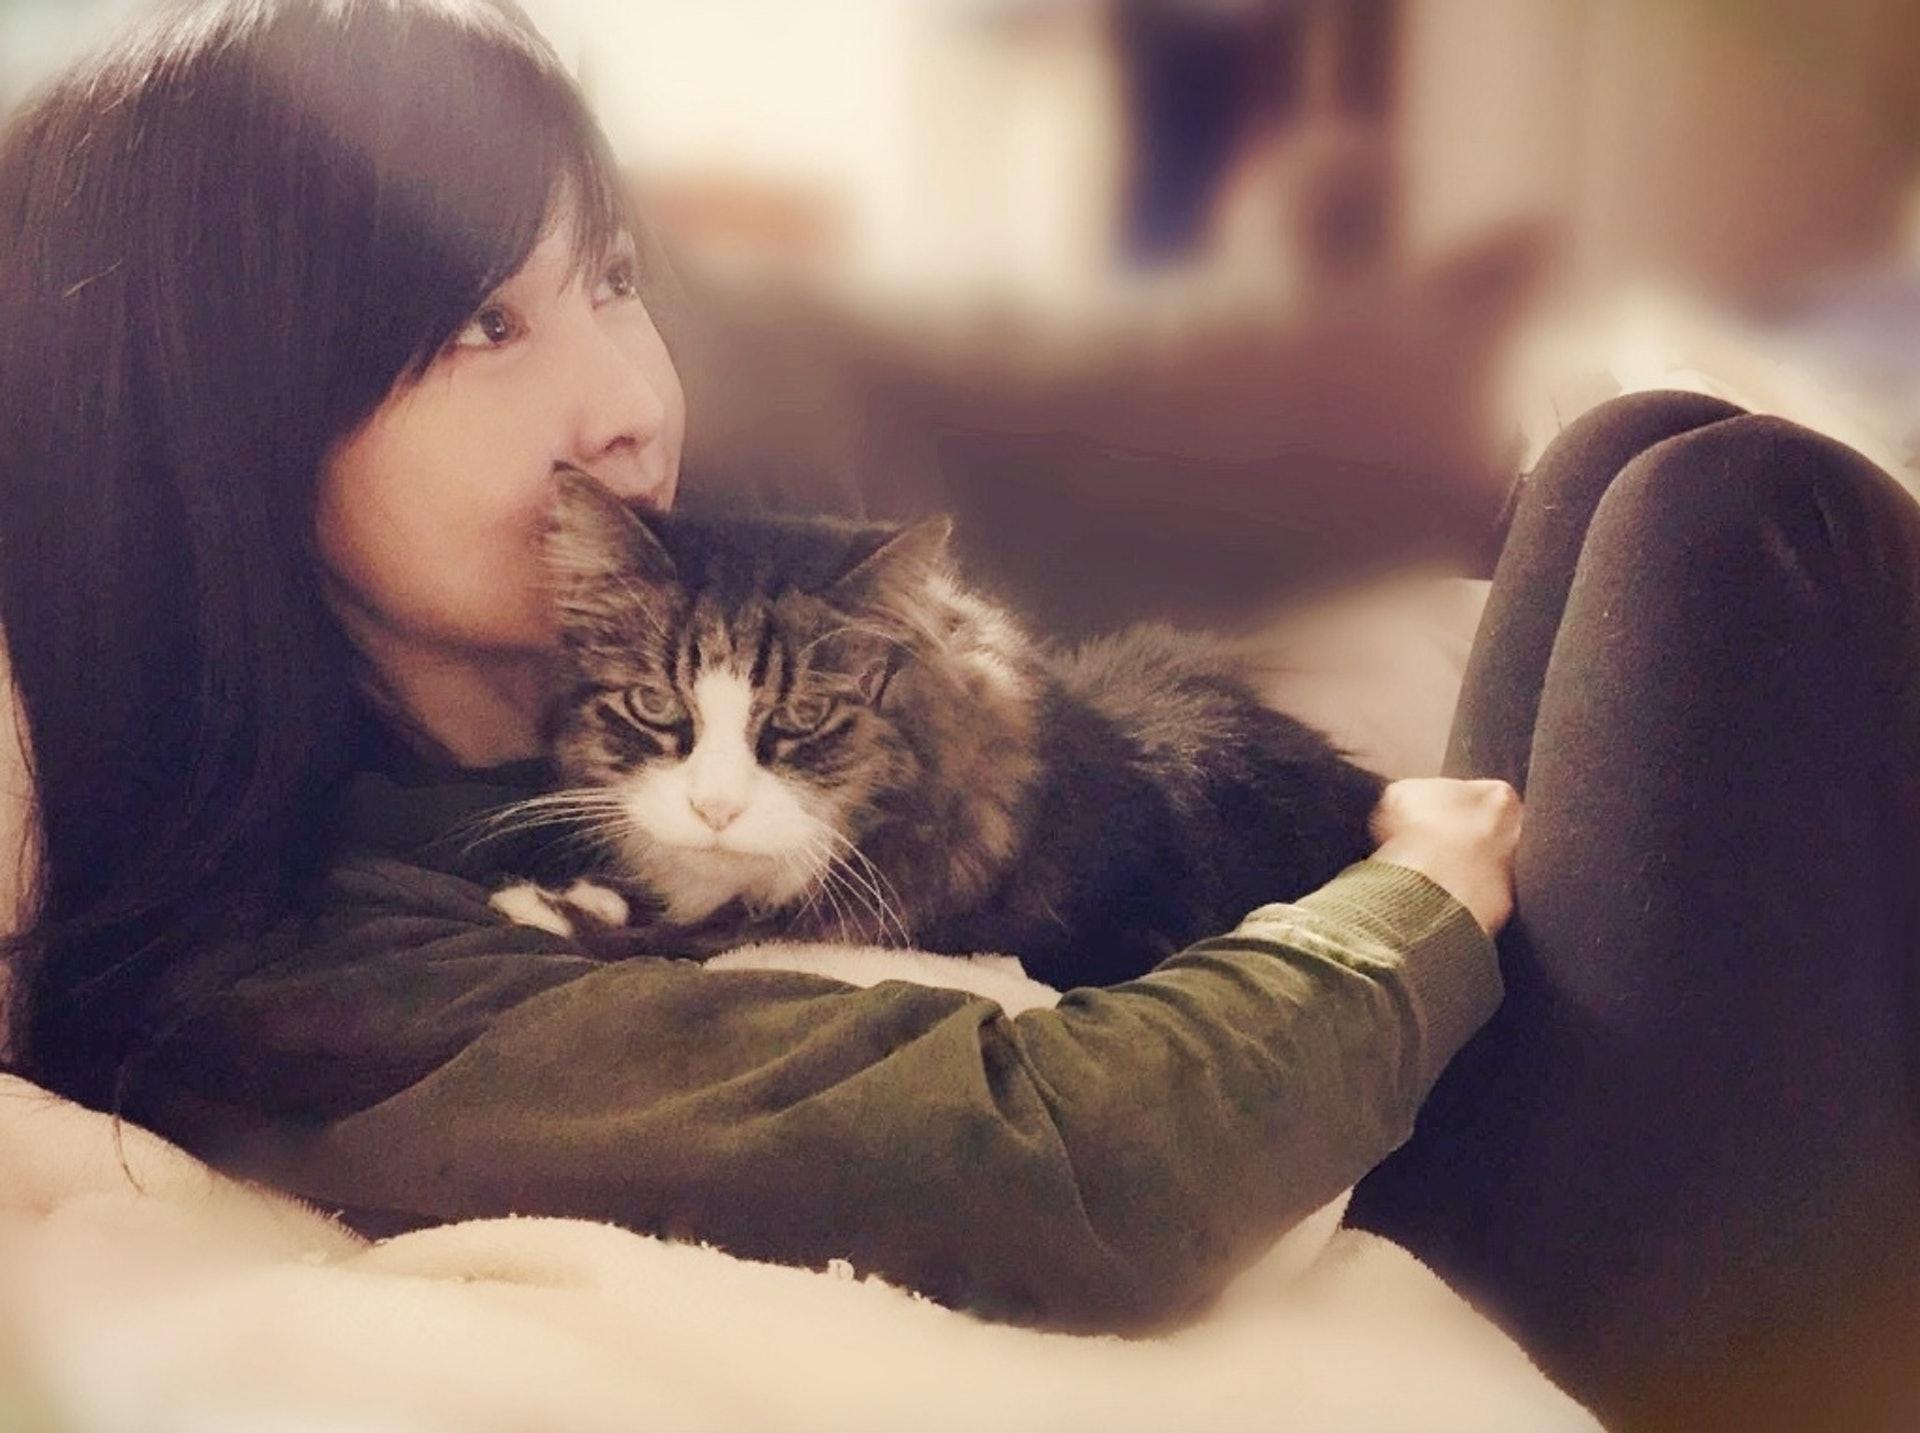 不少讀者都表示敬佩她對動物的愛心與耐心。(微博照片)